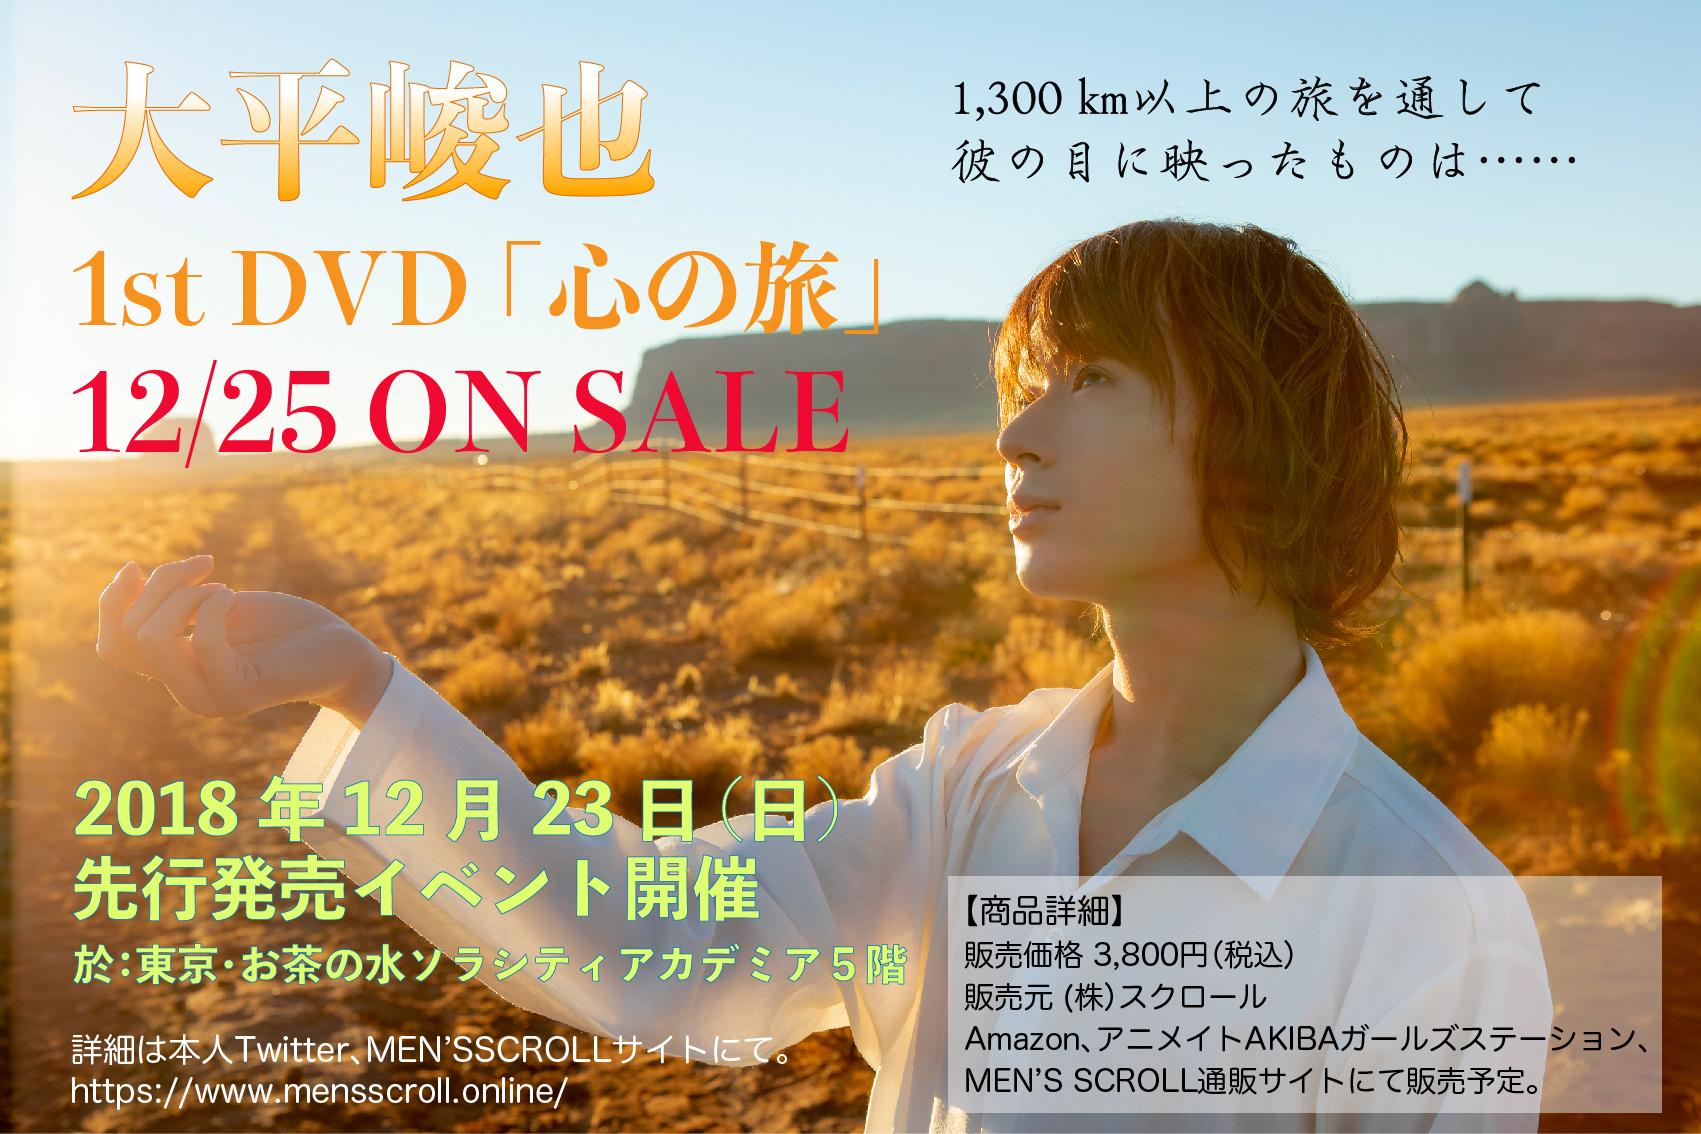 大平峻也さん1st DVD発売&先行発売イベント開催決定!